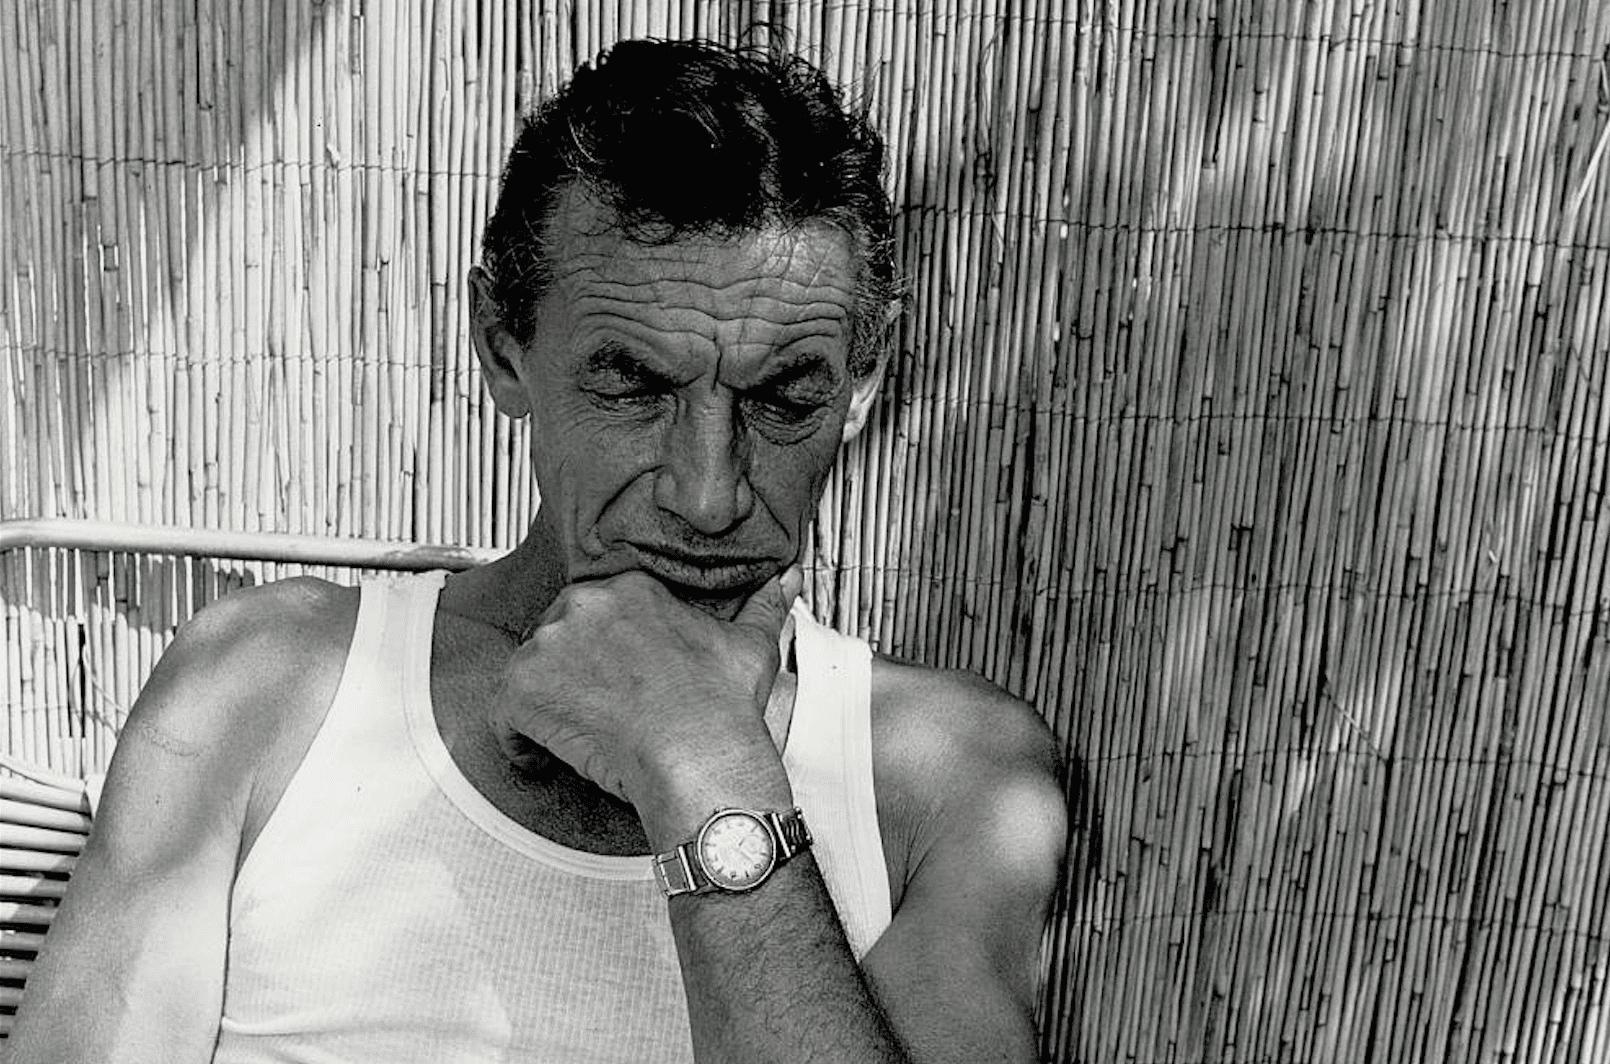 La fotografia concettuale di Manfred Willmann in mostra a Vienna